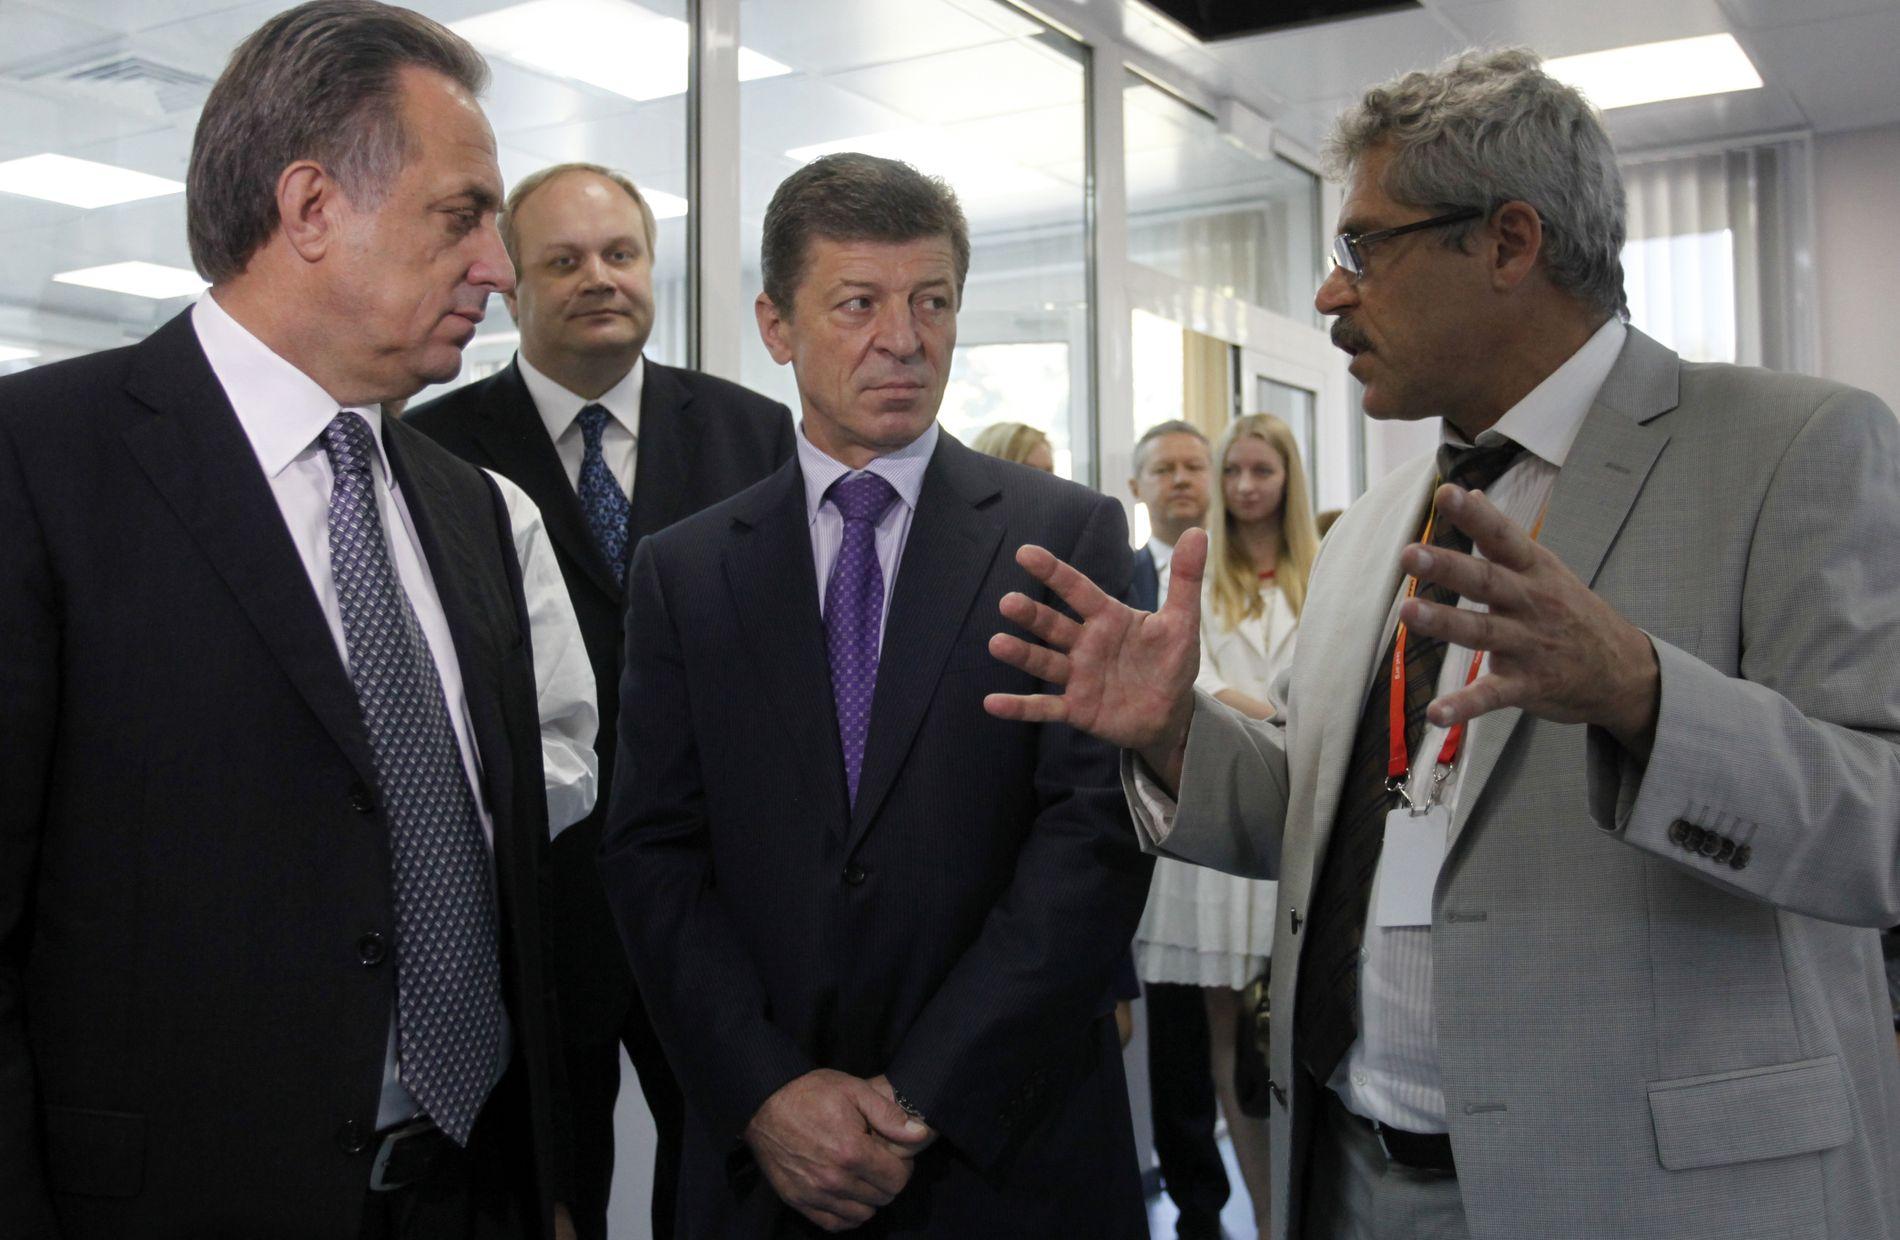 «FORRÆDER»: Grigorij Rodtsjenkov (t.h.) blir for tiden fremstilt som forræder i Russland. Her er han fotografert i 2013 sammen med daværende sportsminister Vitalij Mutko (t.v.), som nå er visestatsminister. Mannen i midten er Dmitrij Kozak, en annen kjent politiker. Bak daværende visesportsminister Jurij Nagornykh, som av Rodtsjenkov blir fremstilt som den som ledet dopingplanen mot Sotsji-OL.